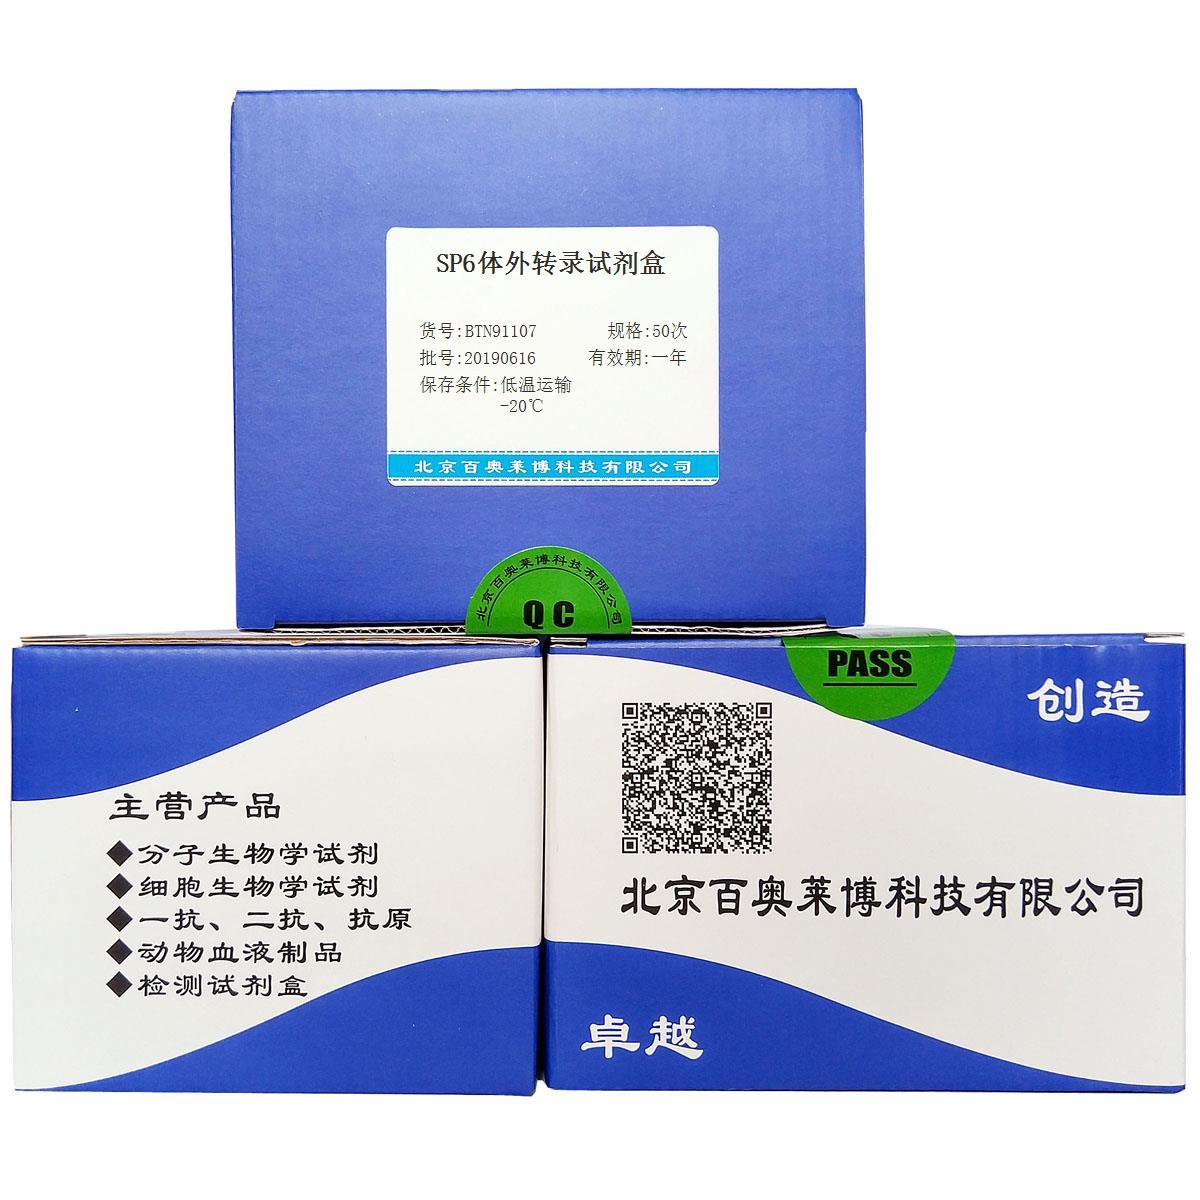 SP6体外转录试剂盒价格